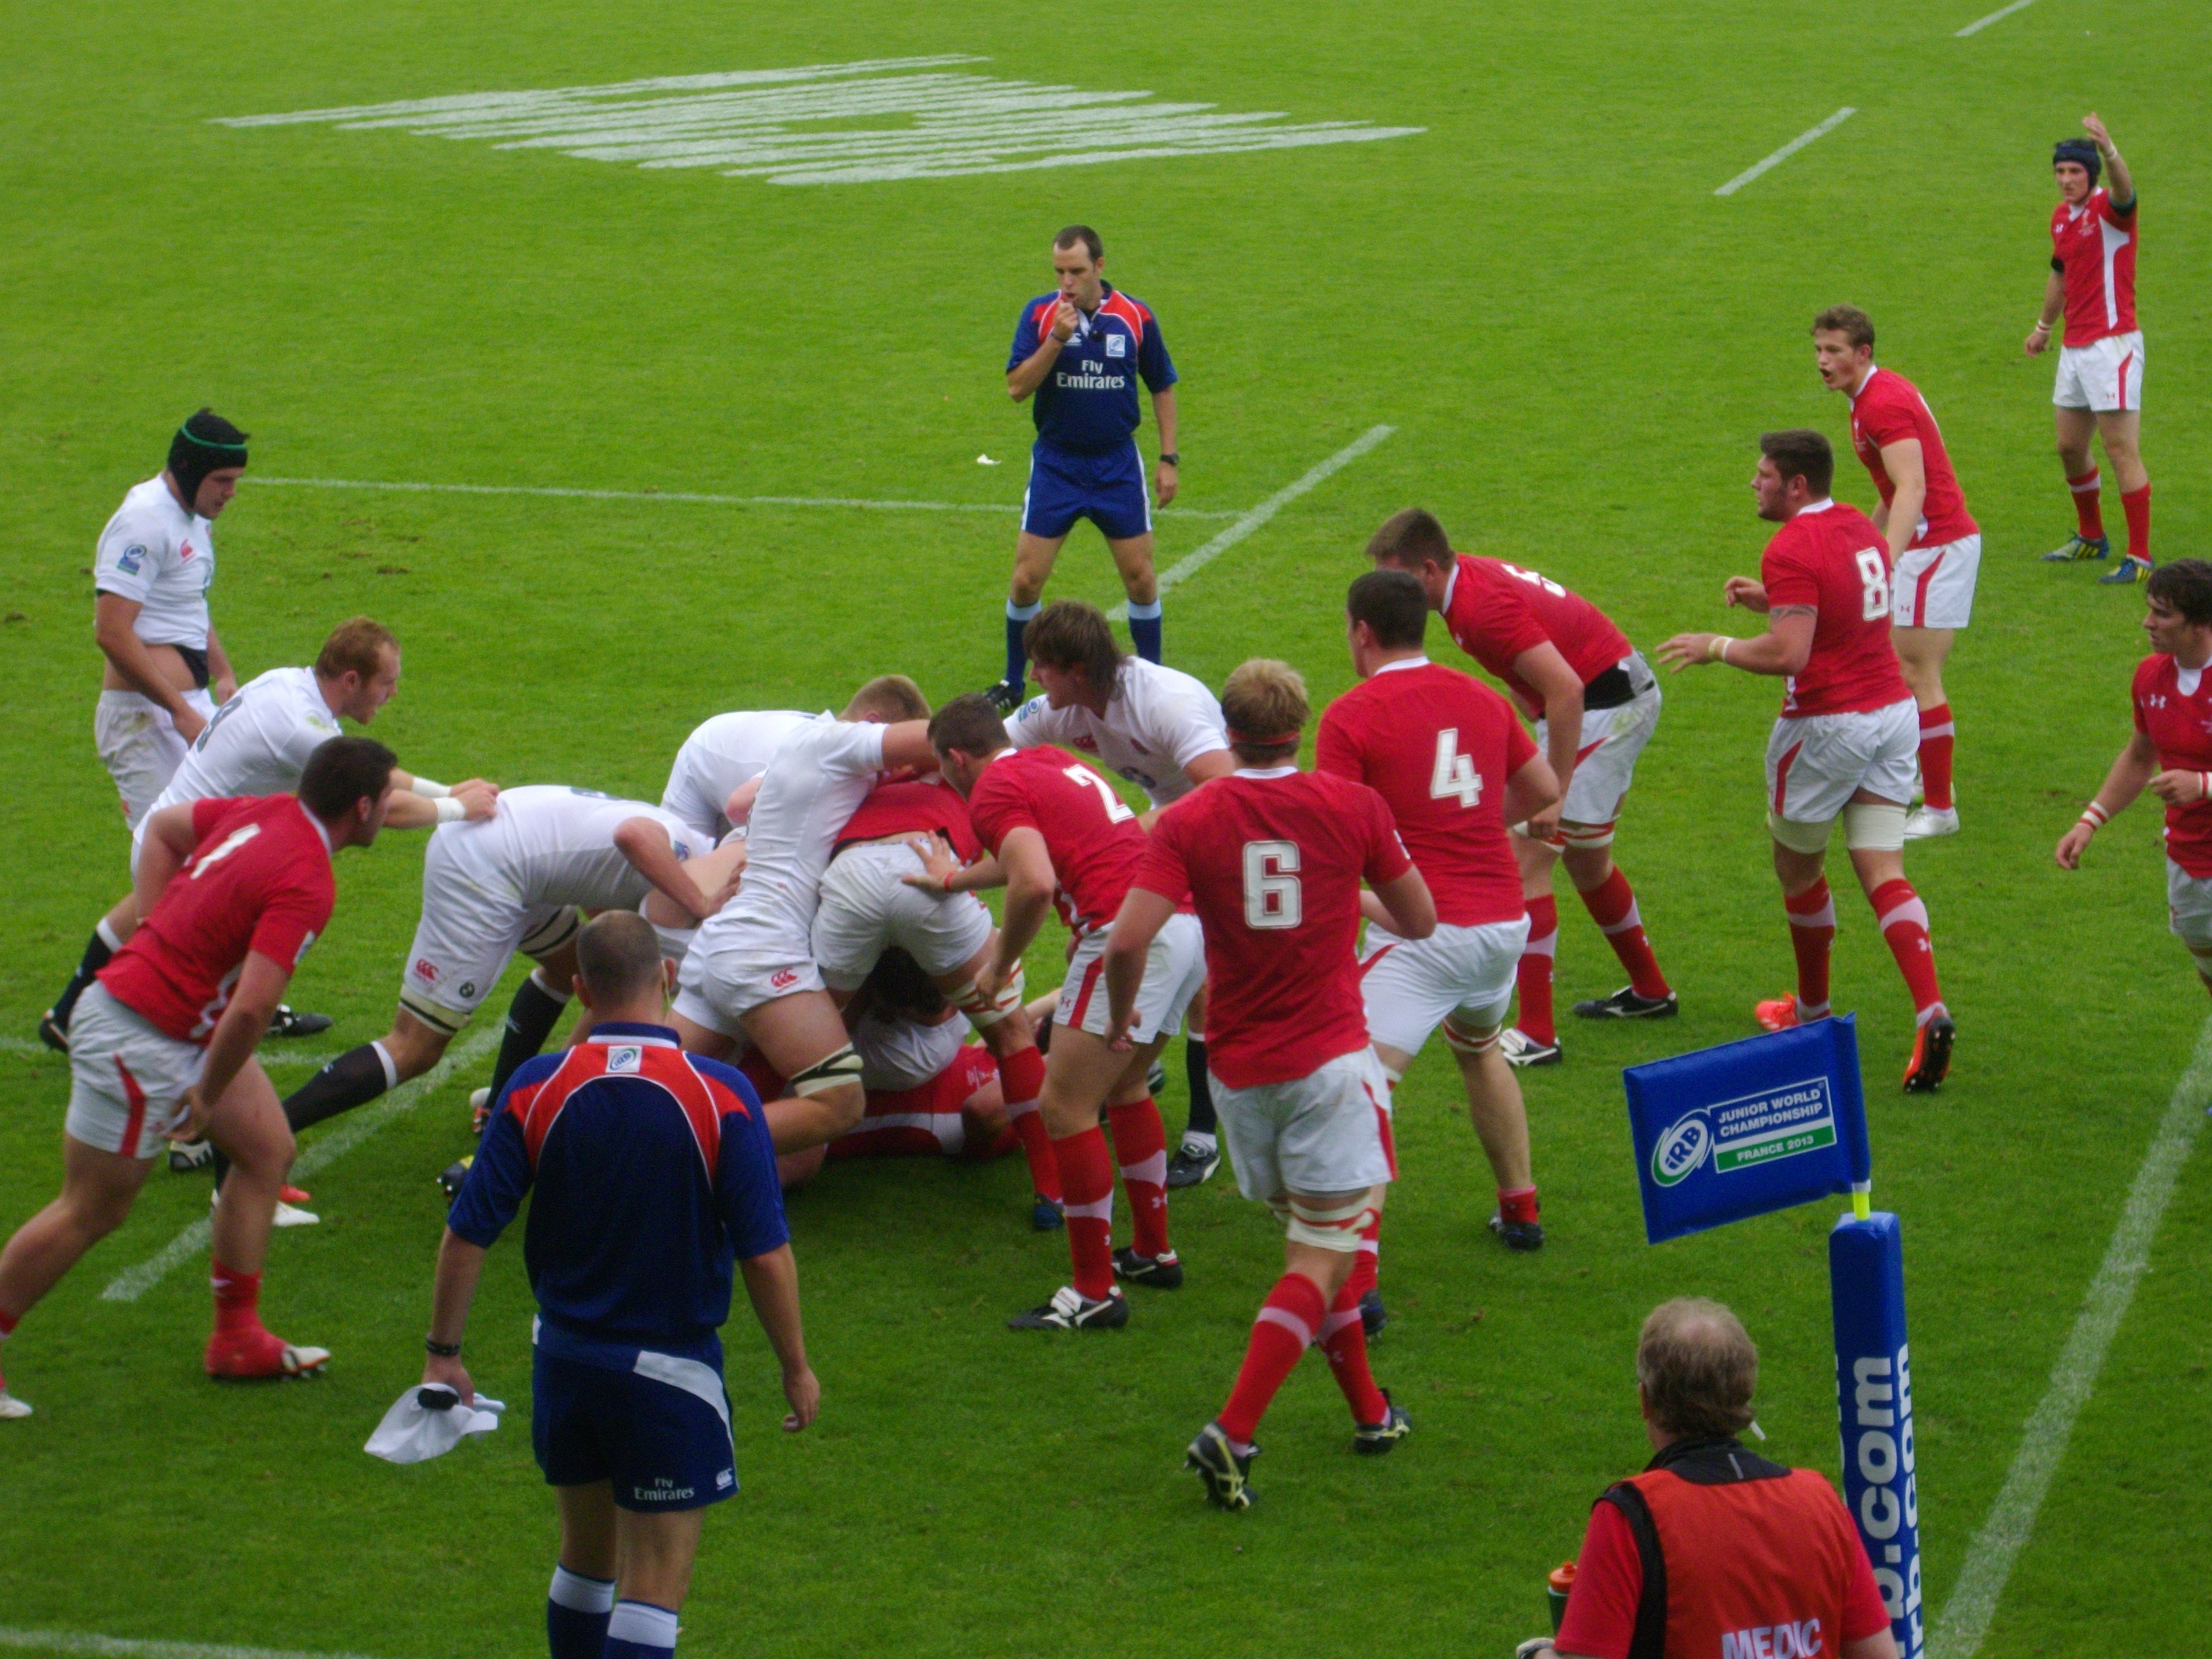 File coupe du monde junior de rugby xv 2013 finale 13 jpg wikimedia commons - Finale coupe du monde de rugby ...